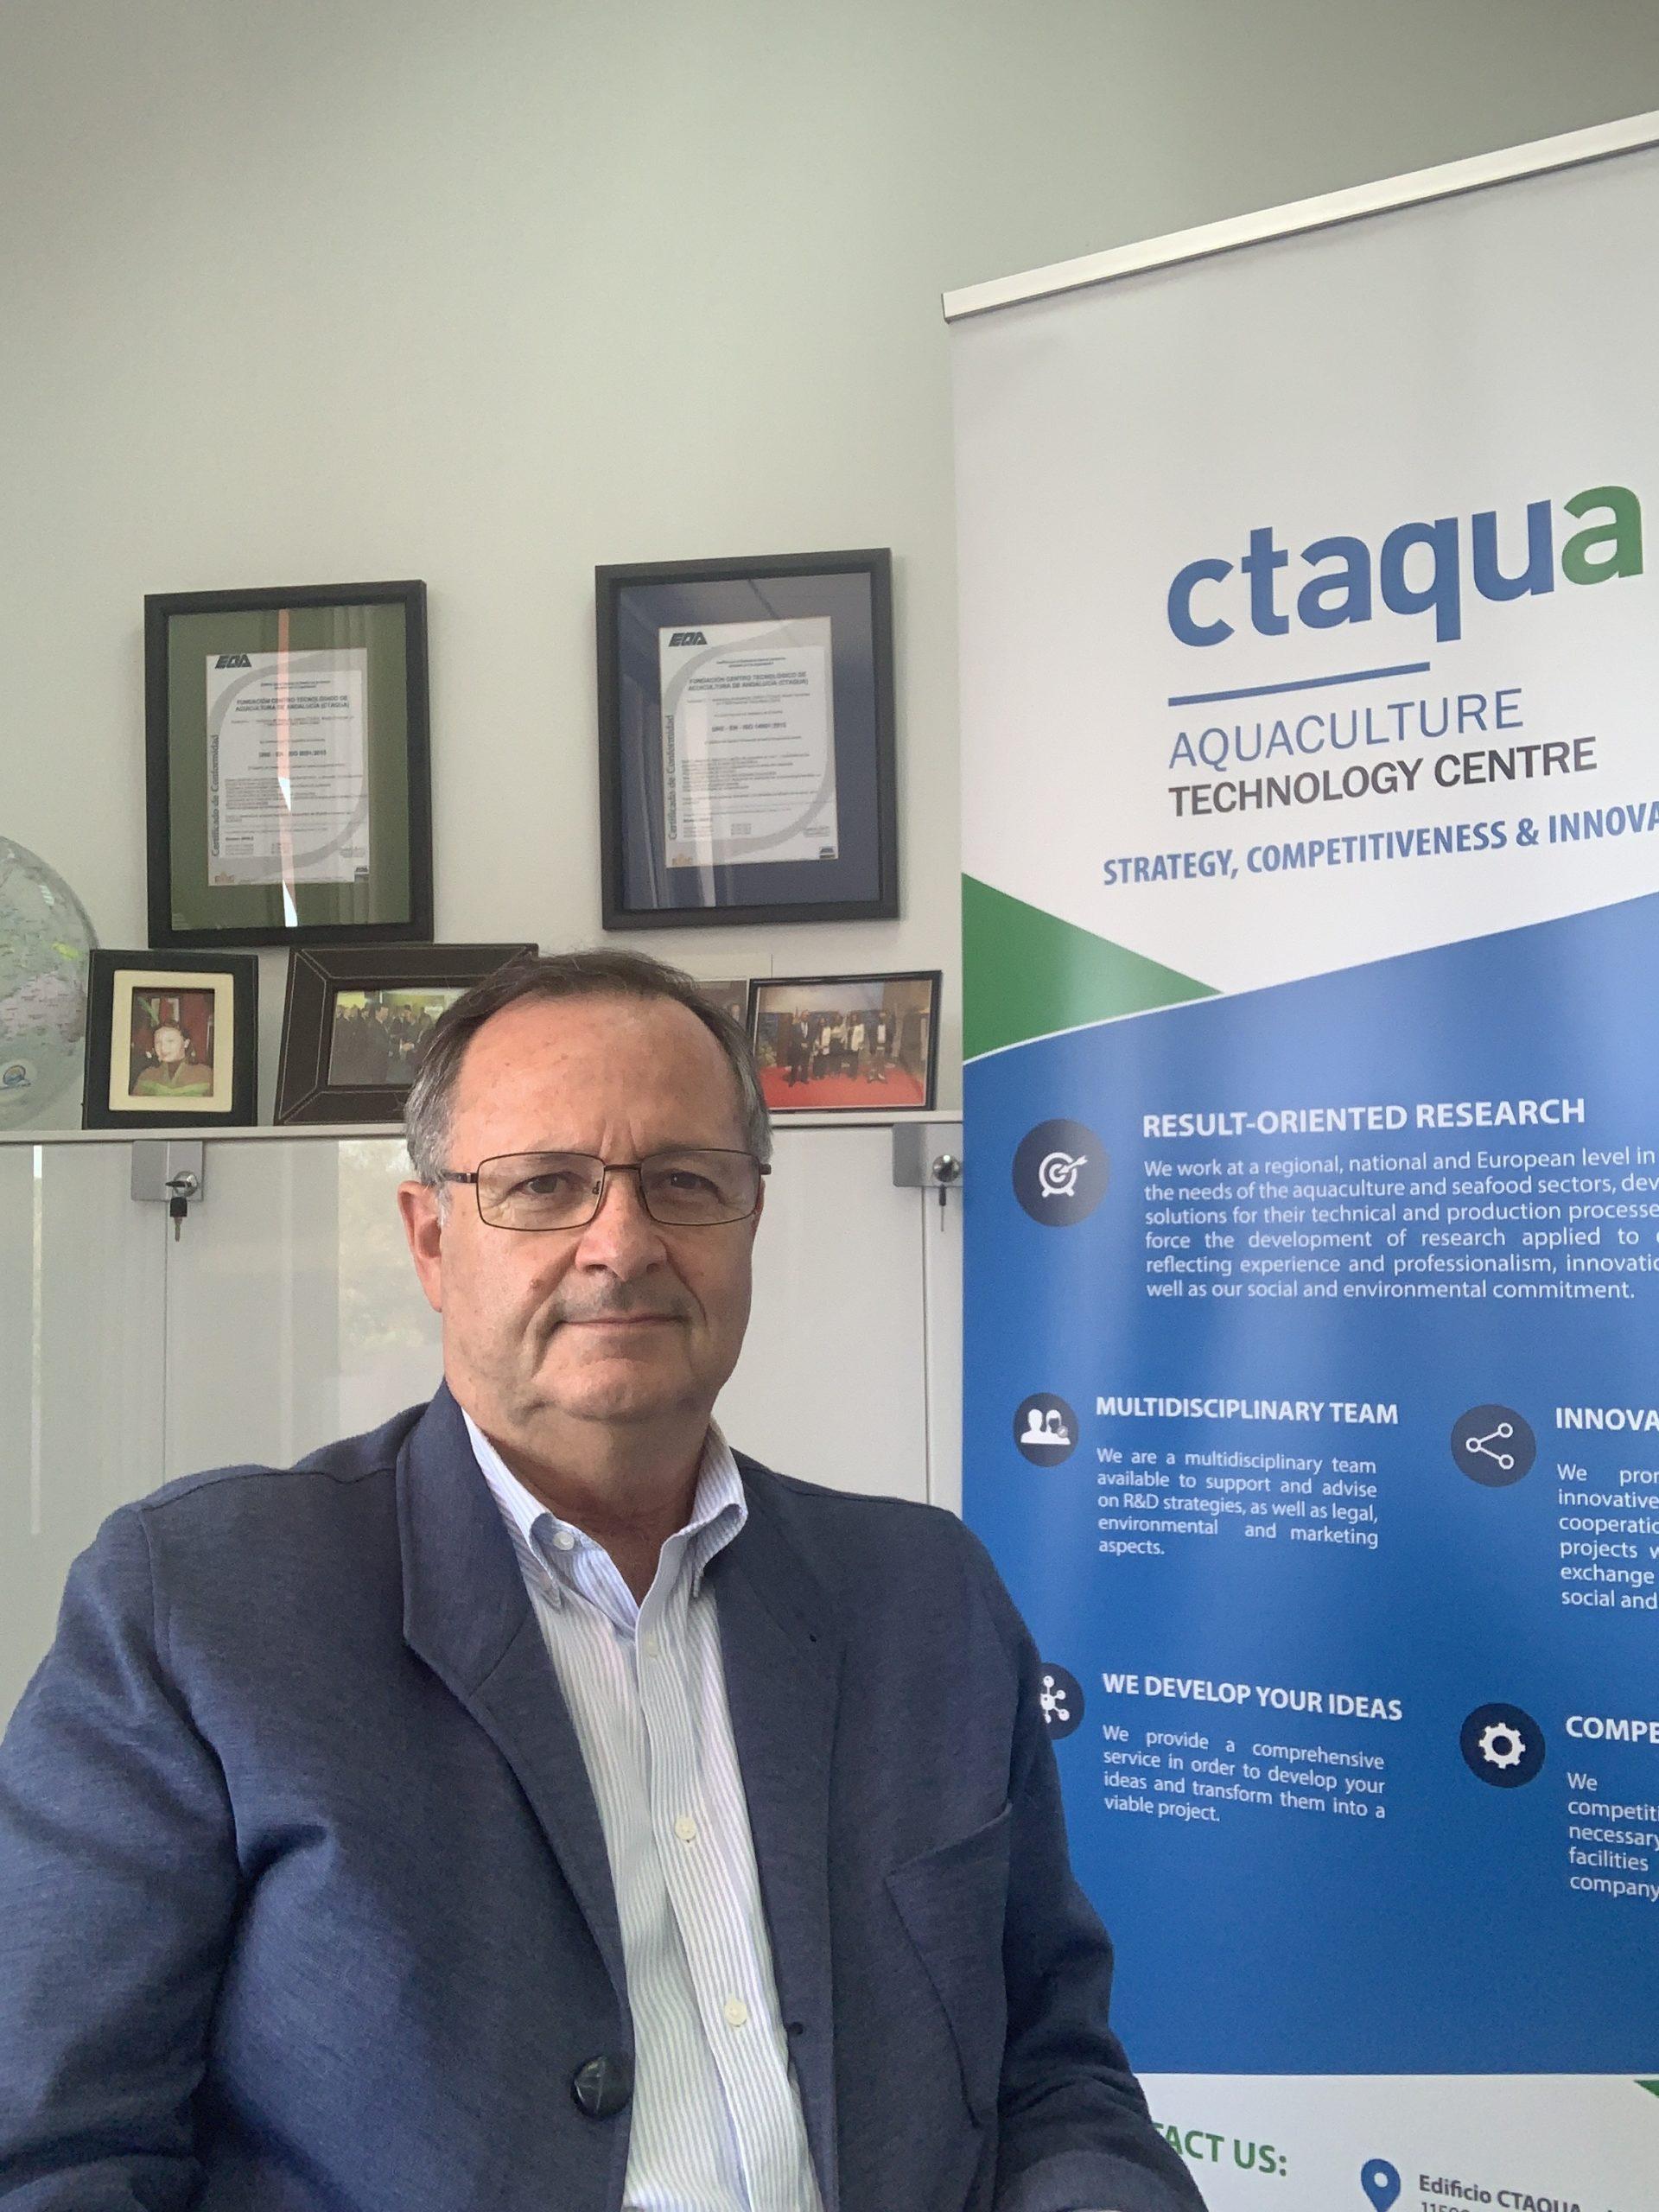 Juan Manuel García Lomas ctaqua